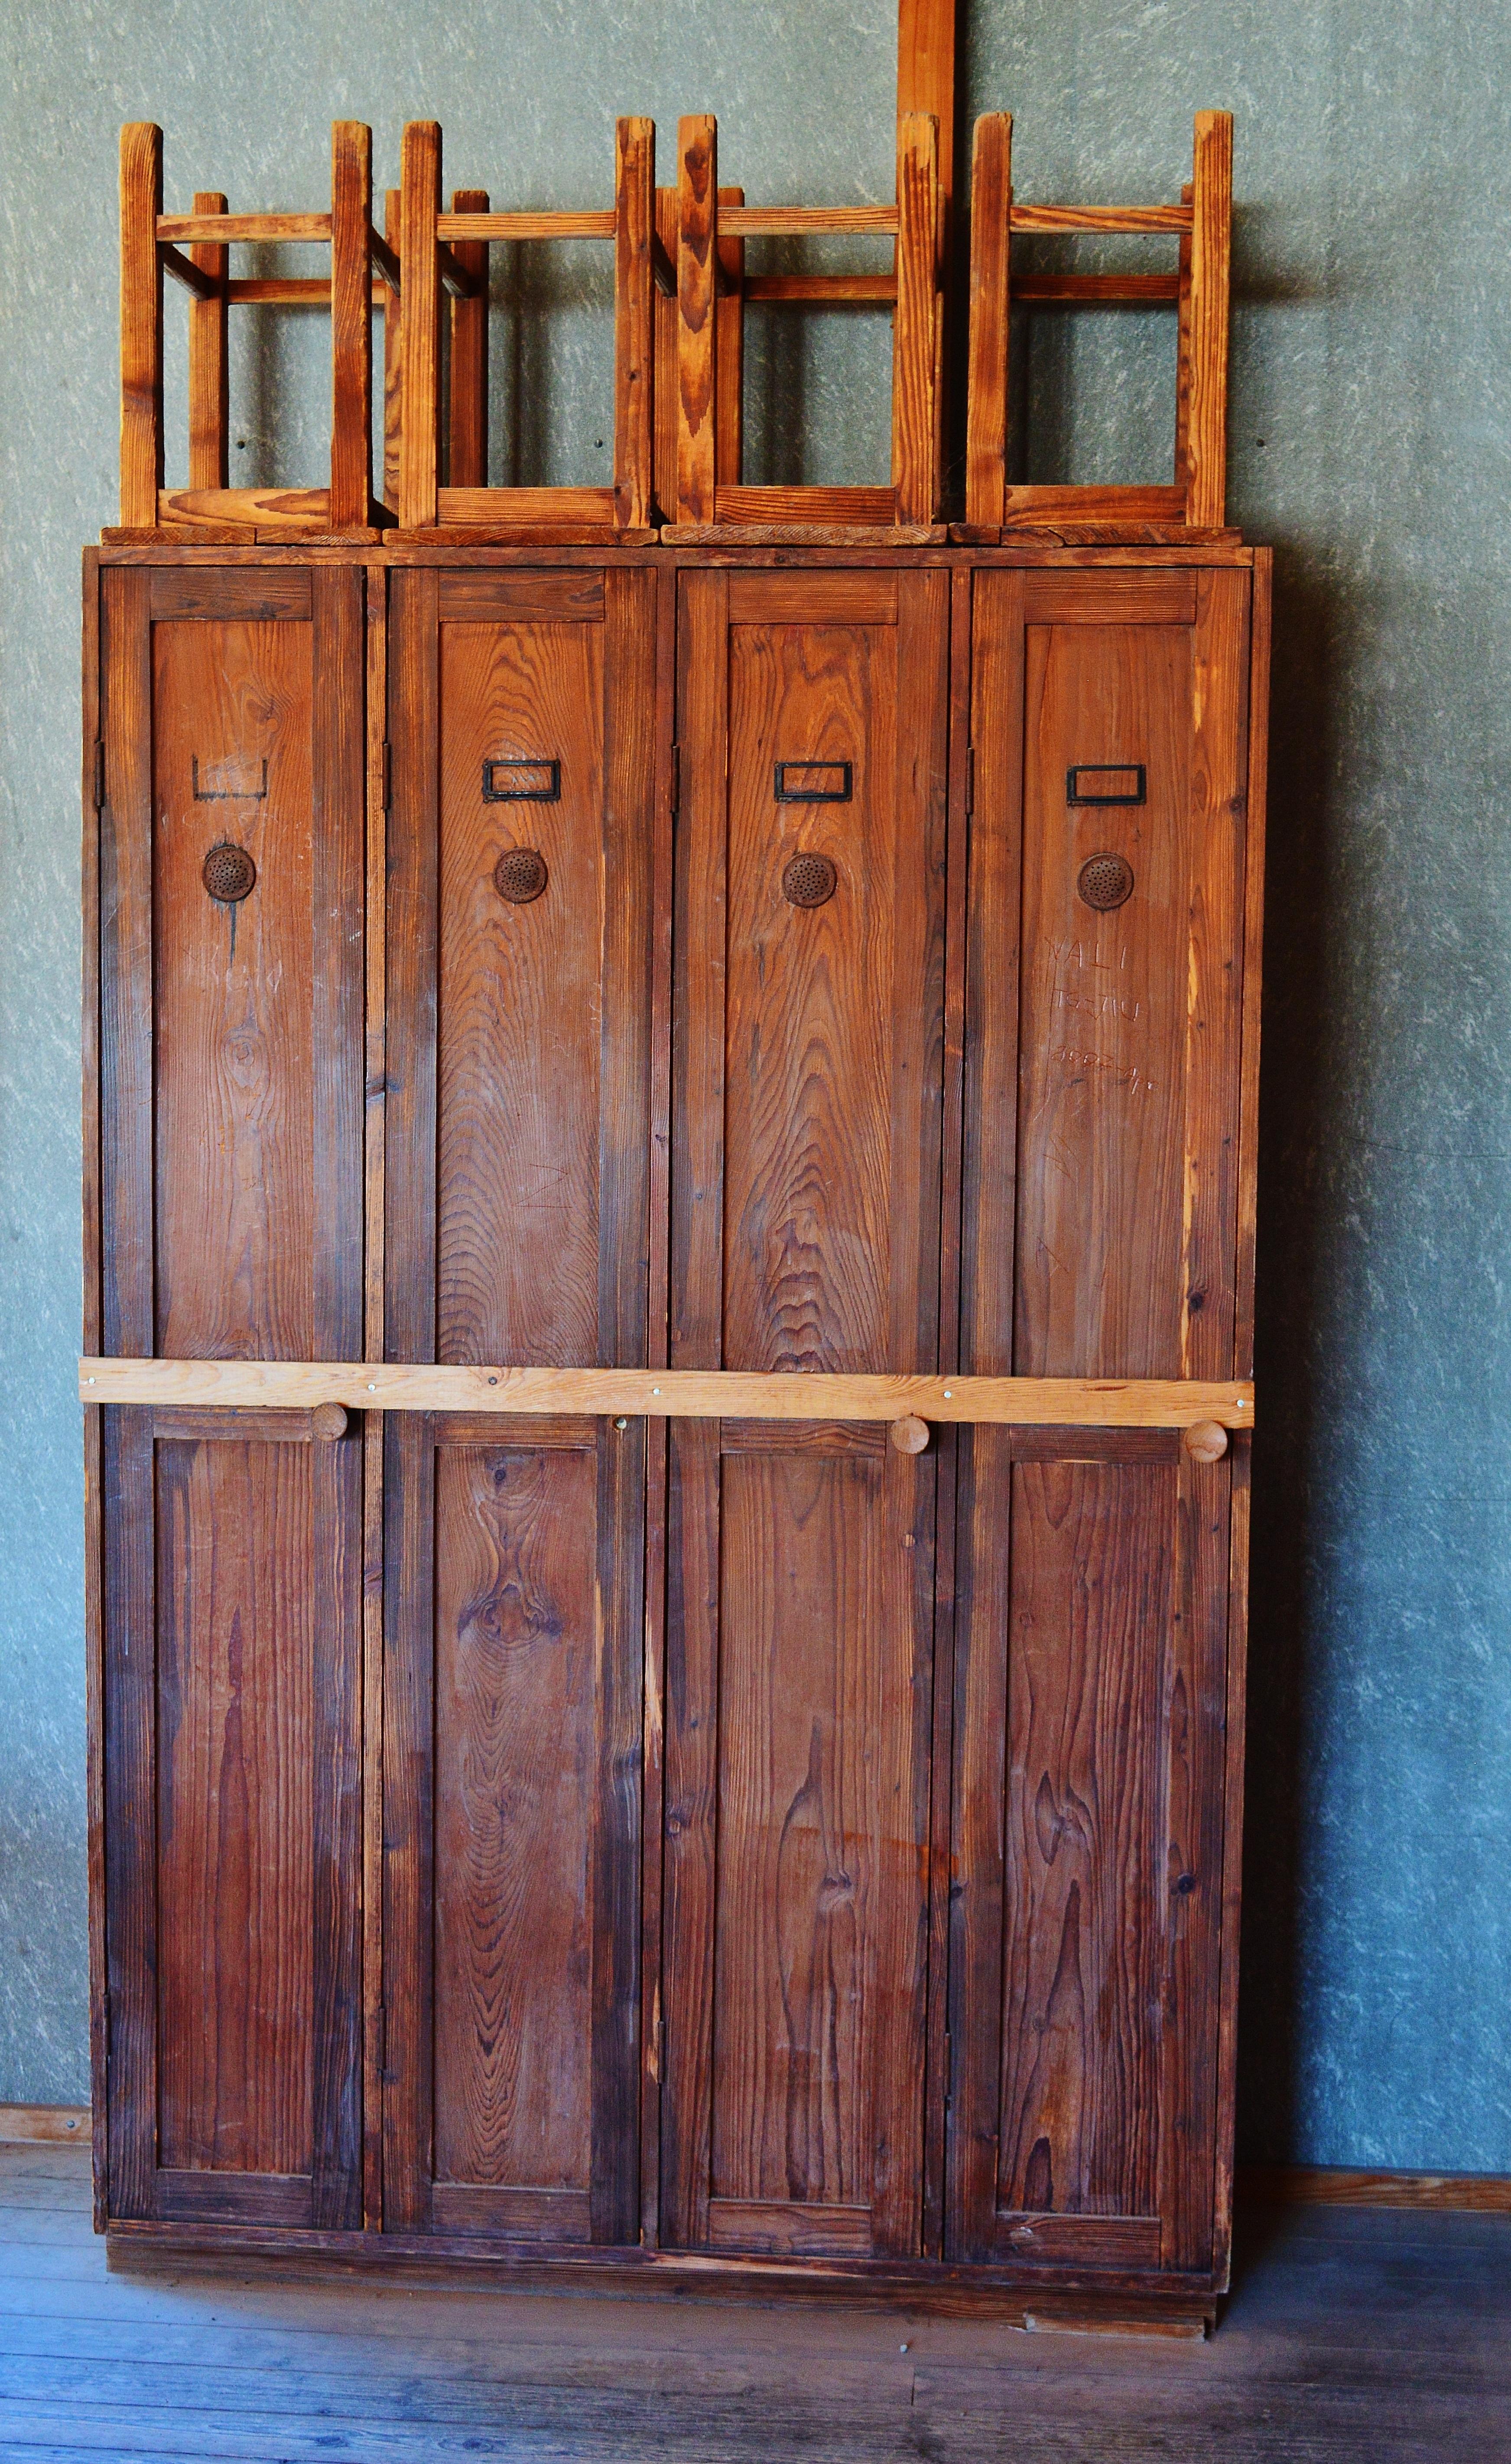 Fotoğraf Antik Raf Mobilya ölüm Salon Kitaplık Anıt